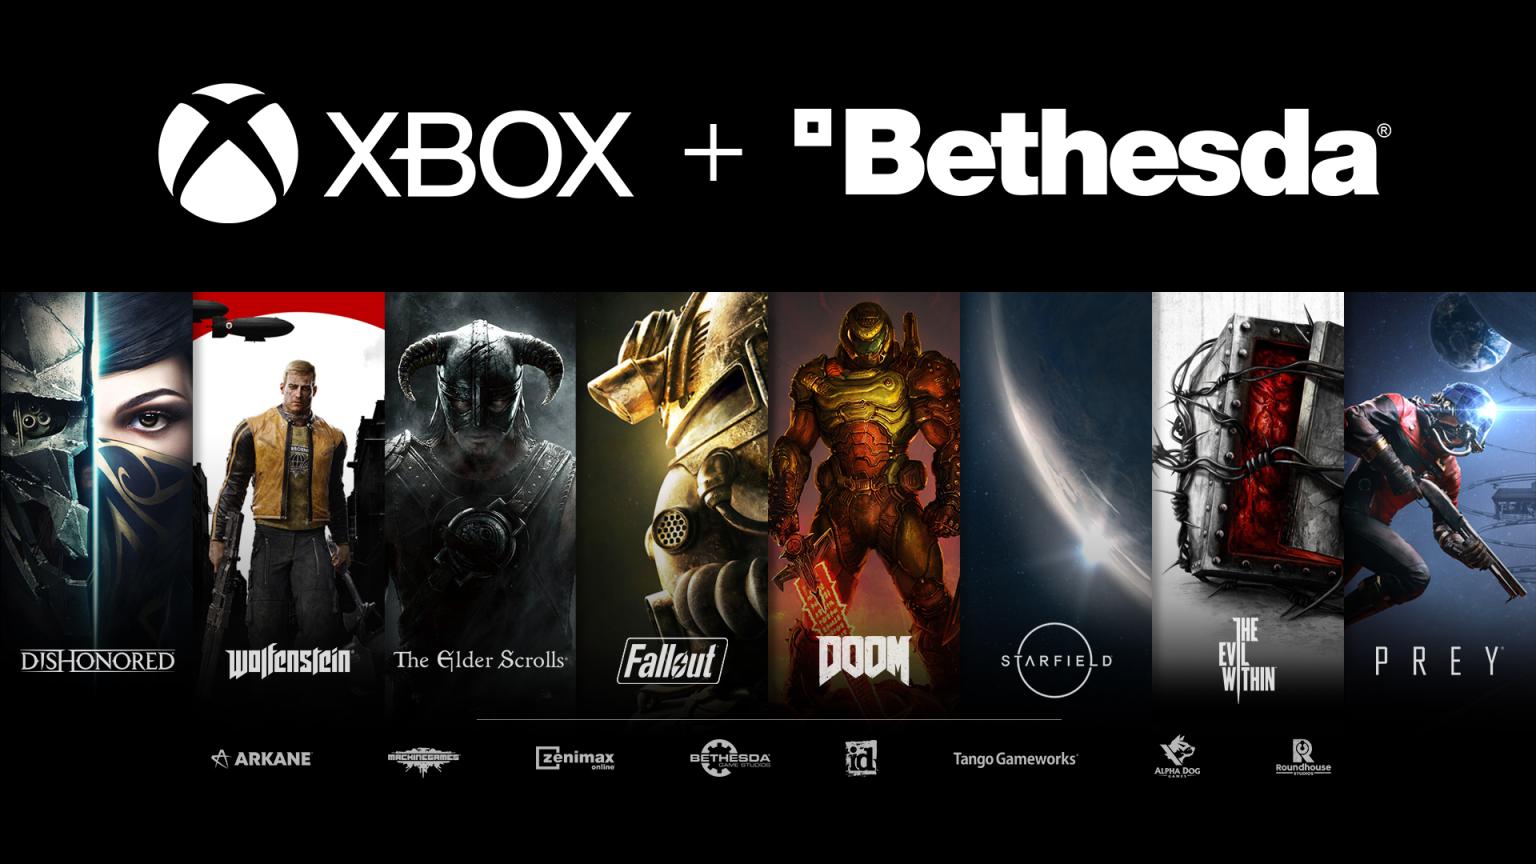 Phil Spencer: Τα μελλοντικά παιχνίδια της Bethesda θα είναι αποκλειστικά στη πλατφόρμα του Xbox